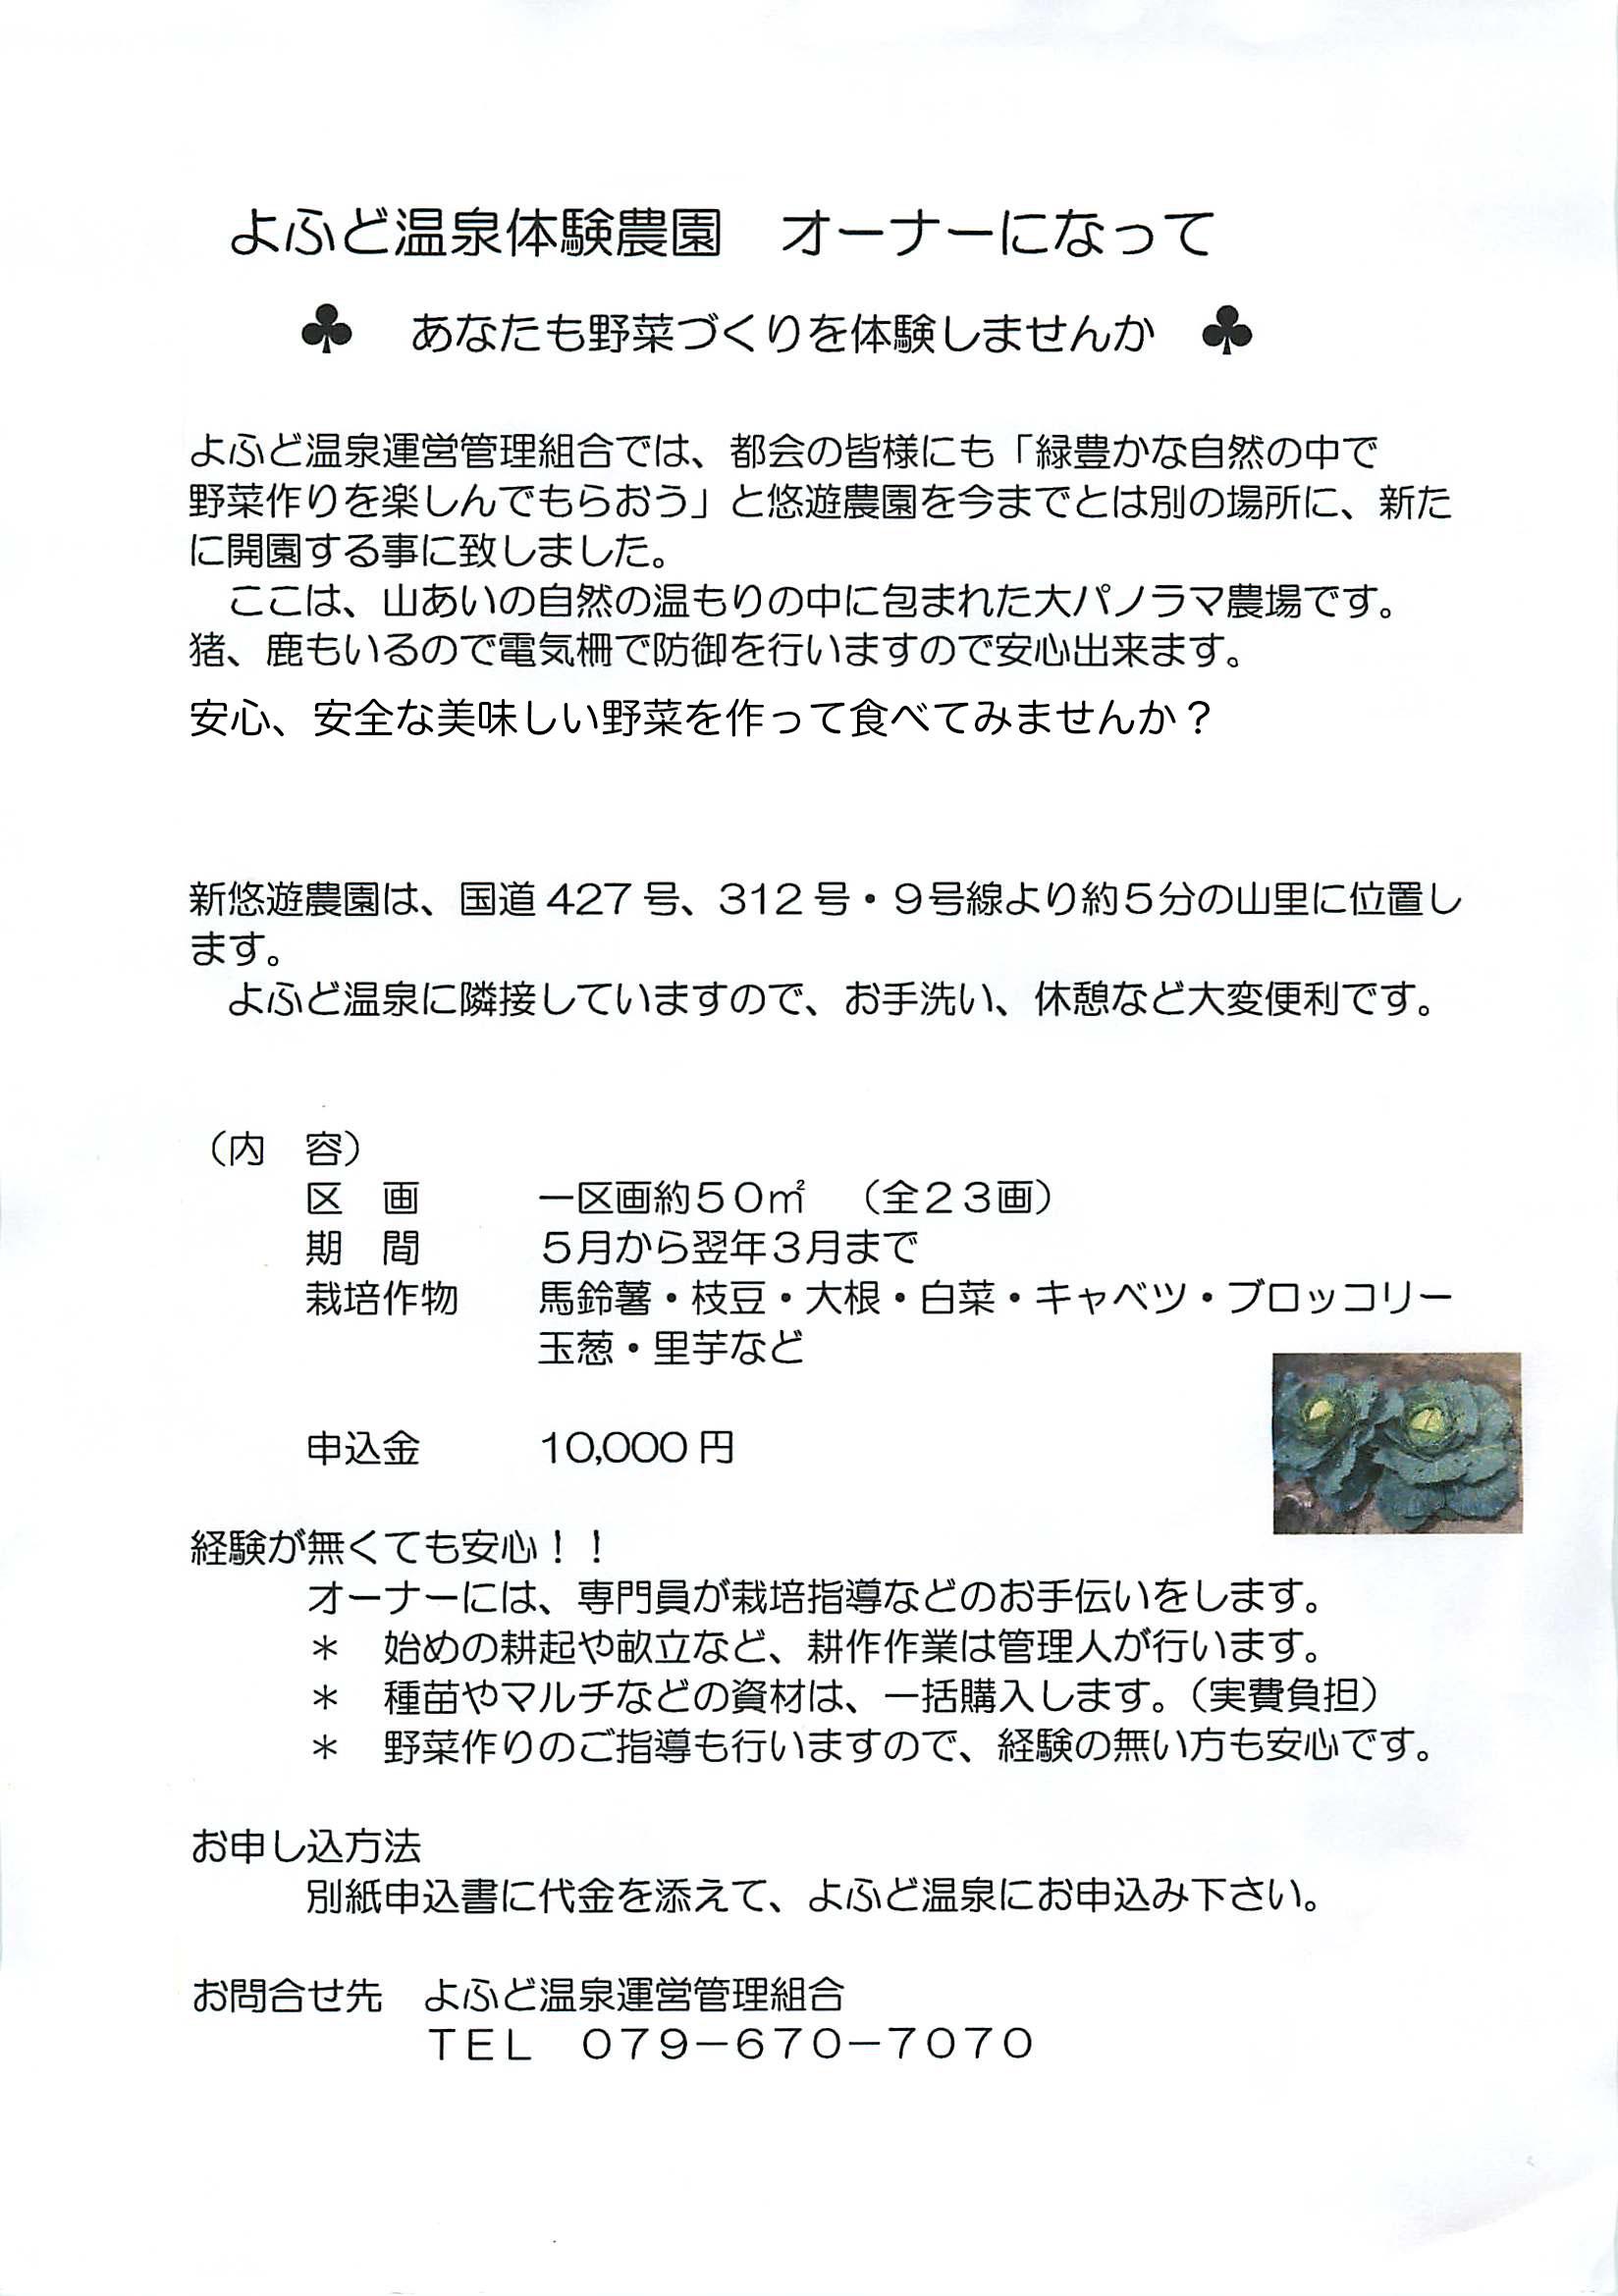 taikennouen-体験農園-アップロード用